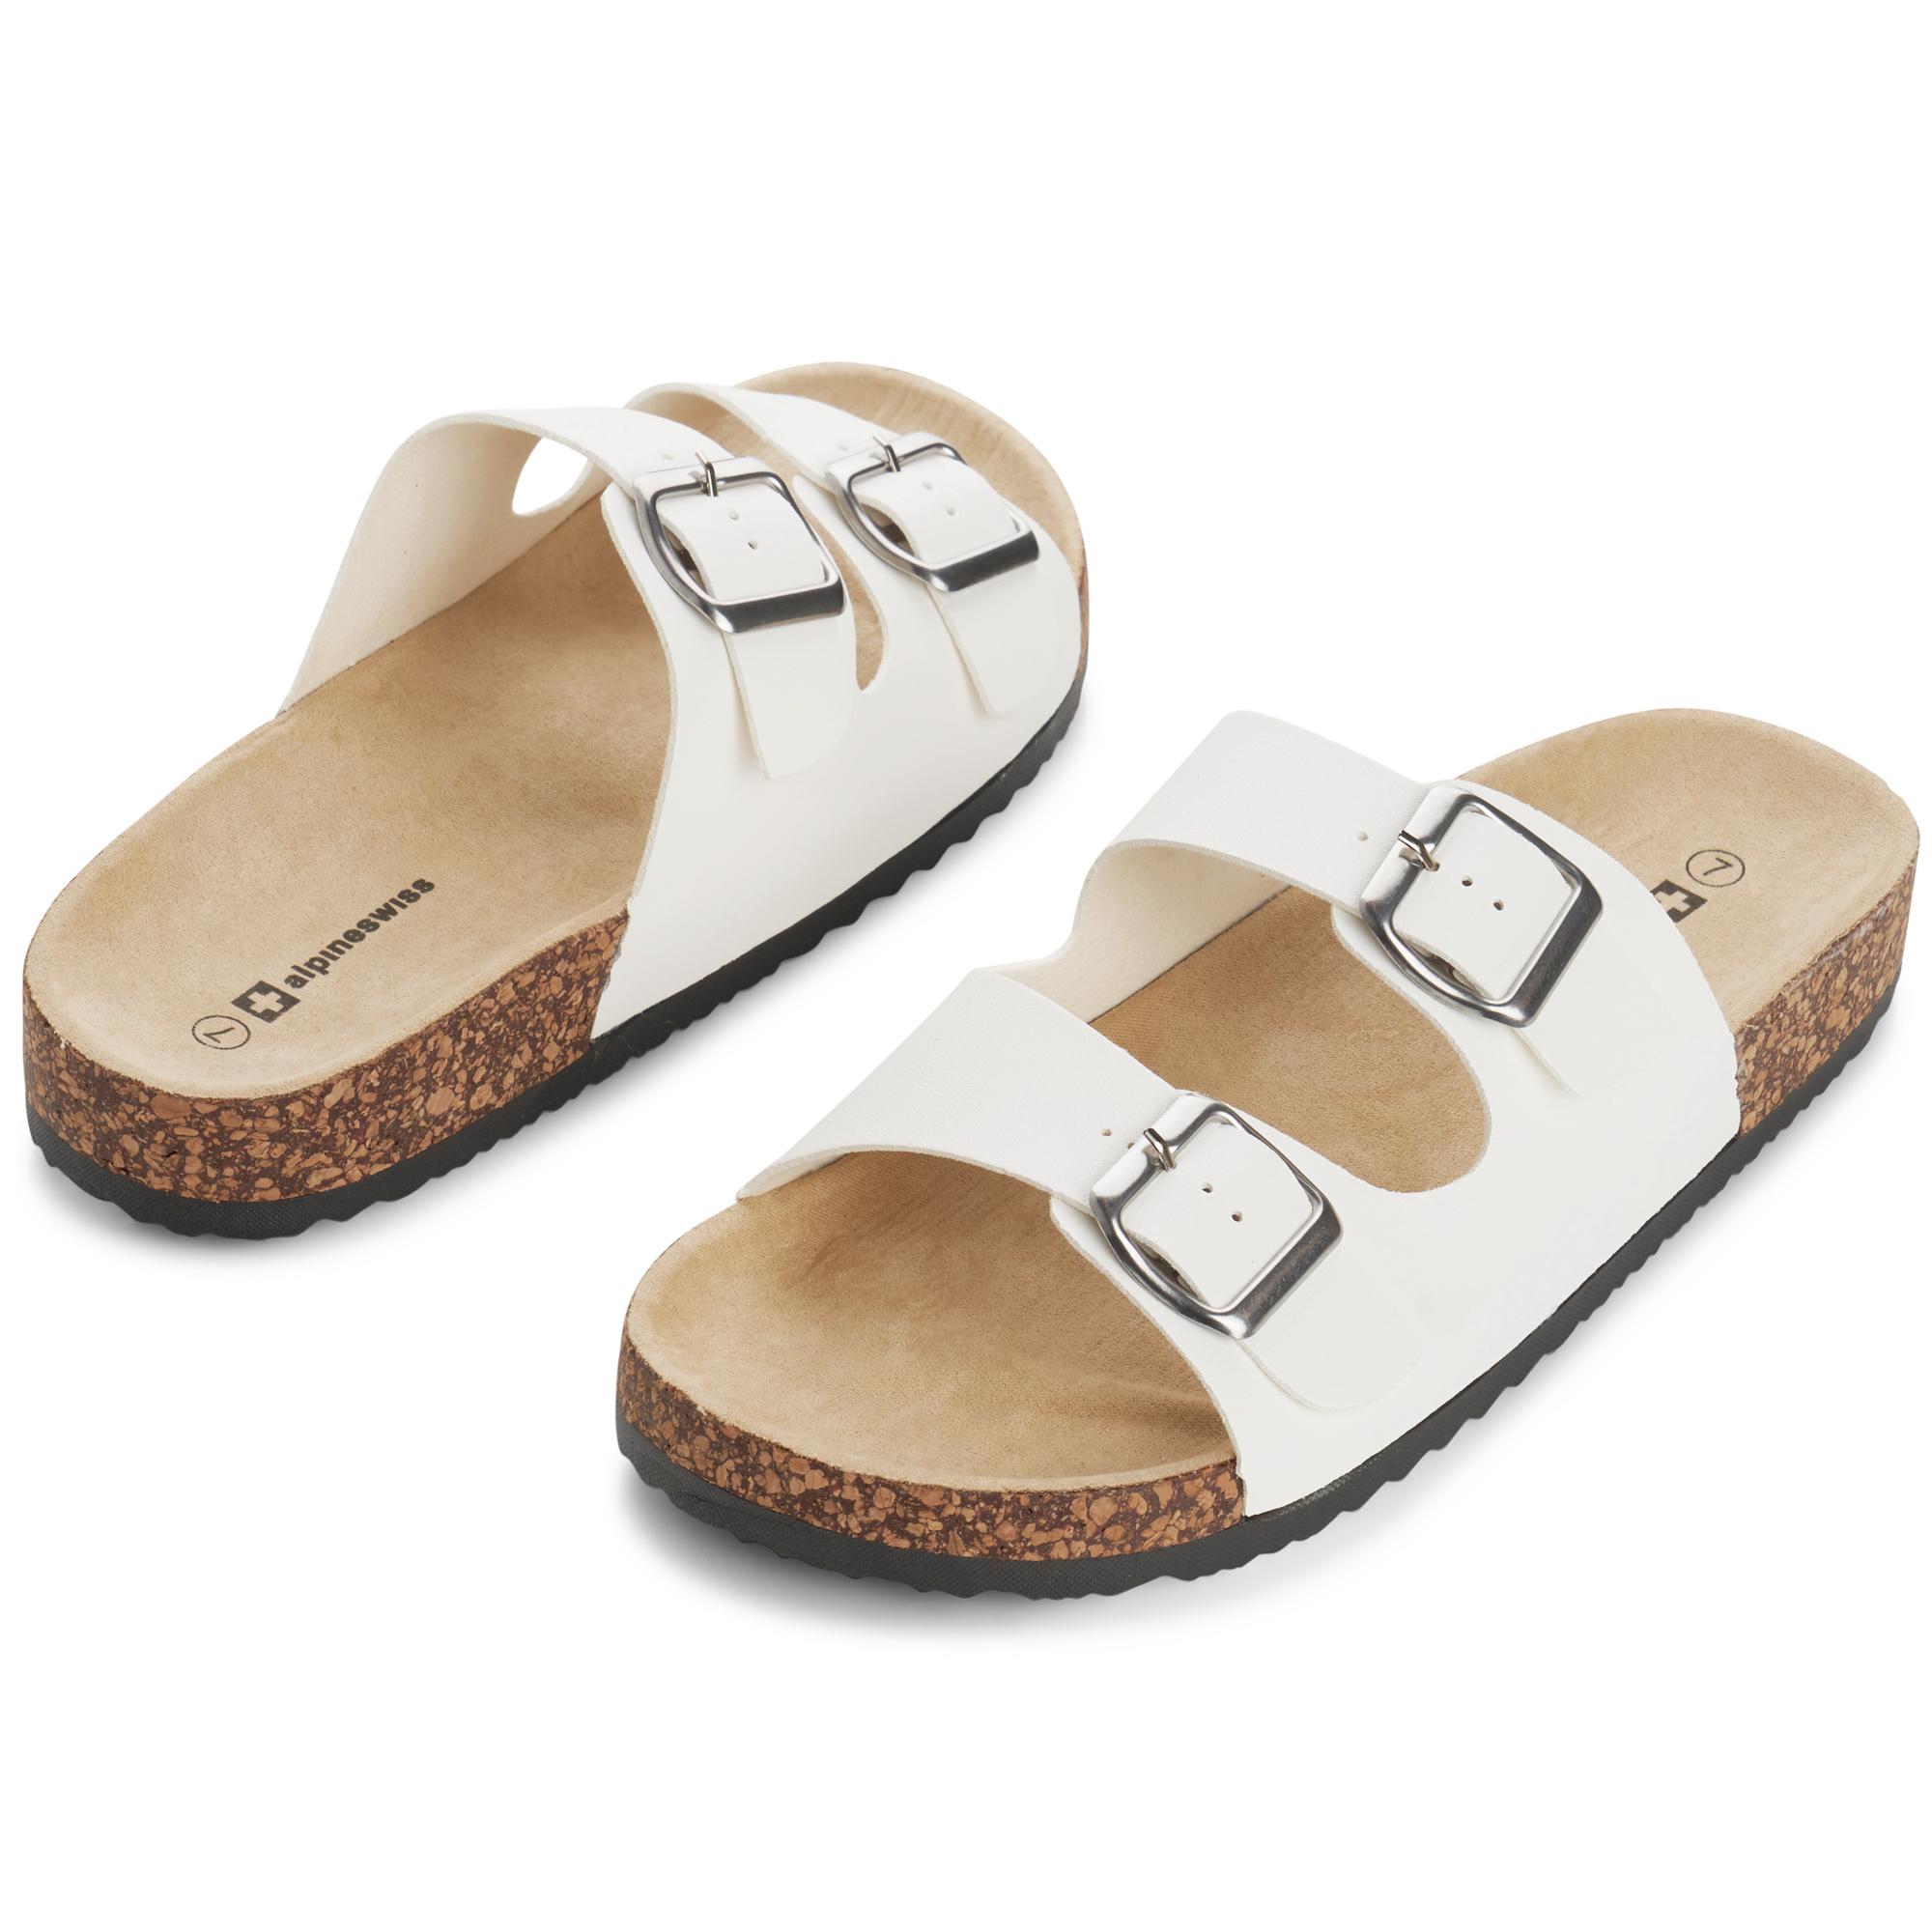 Alpine-Swiss-Womens-Double-Strap-Slide-Sandals-EVA-Sole-Flat-Comfort-Shoes thumbnail 27